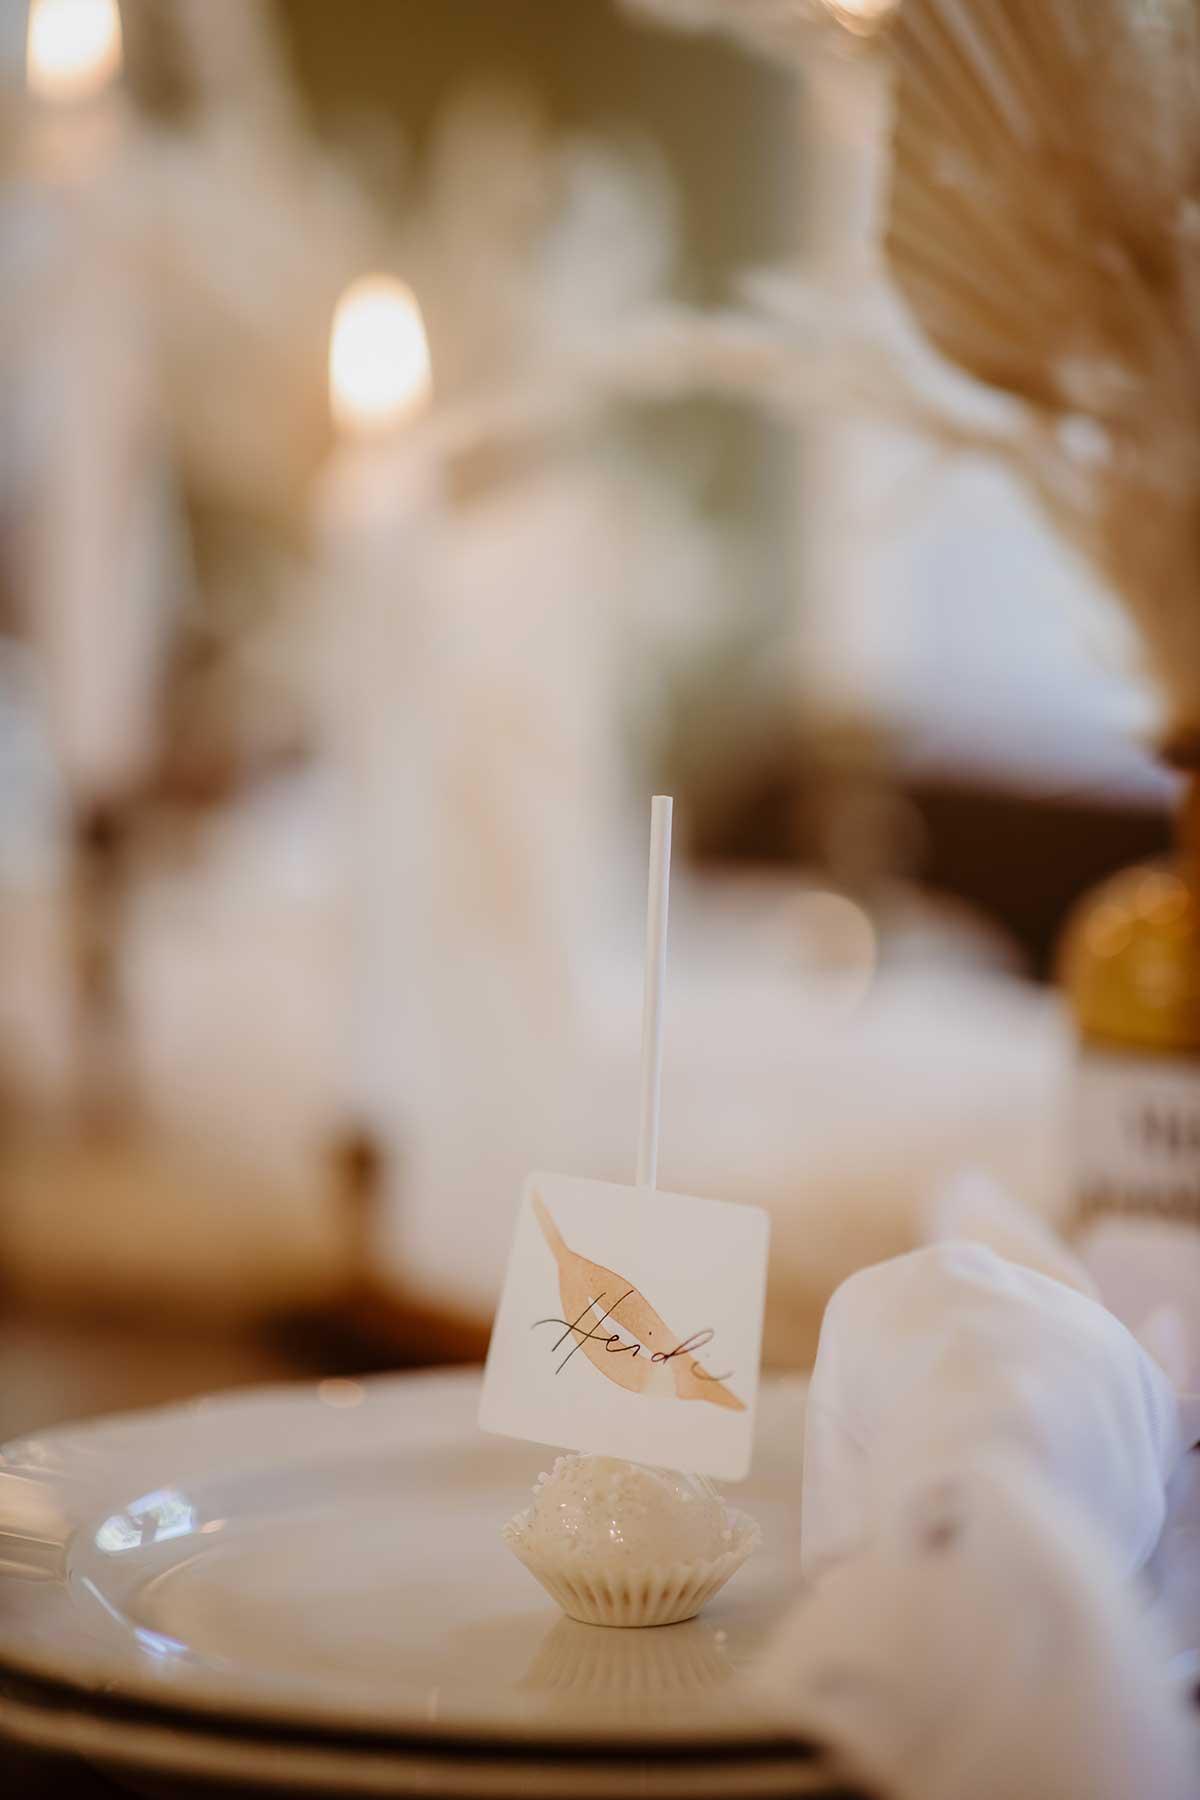 Cakepop mit Namenskarte bei der Tischdeko